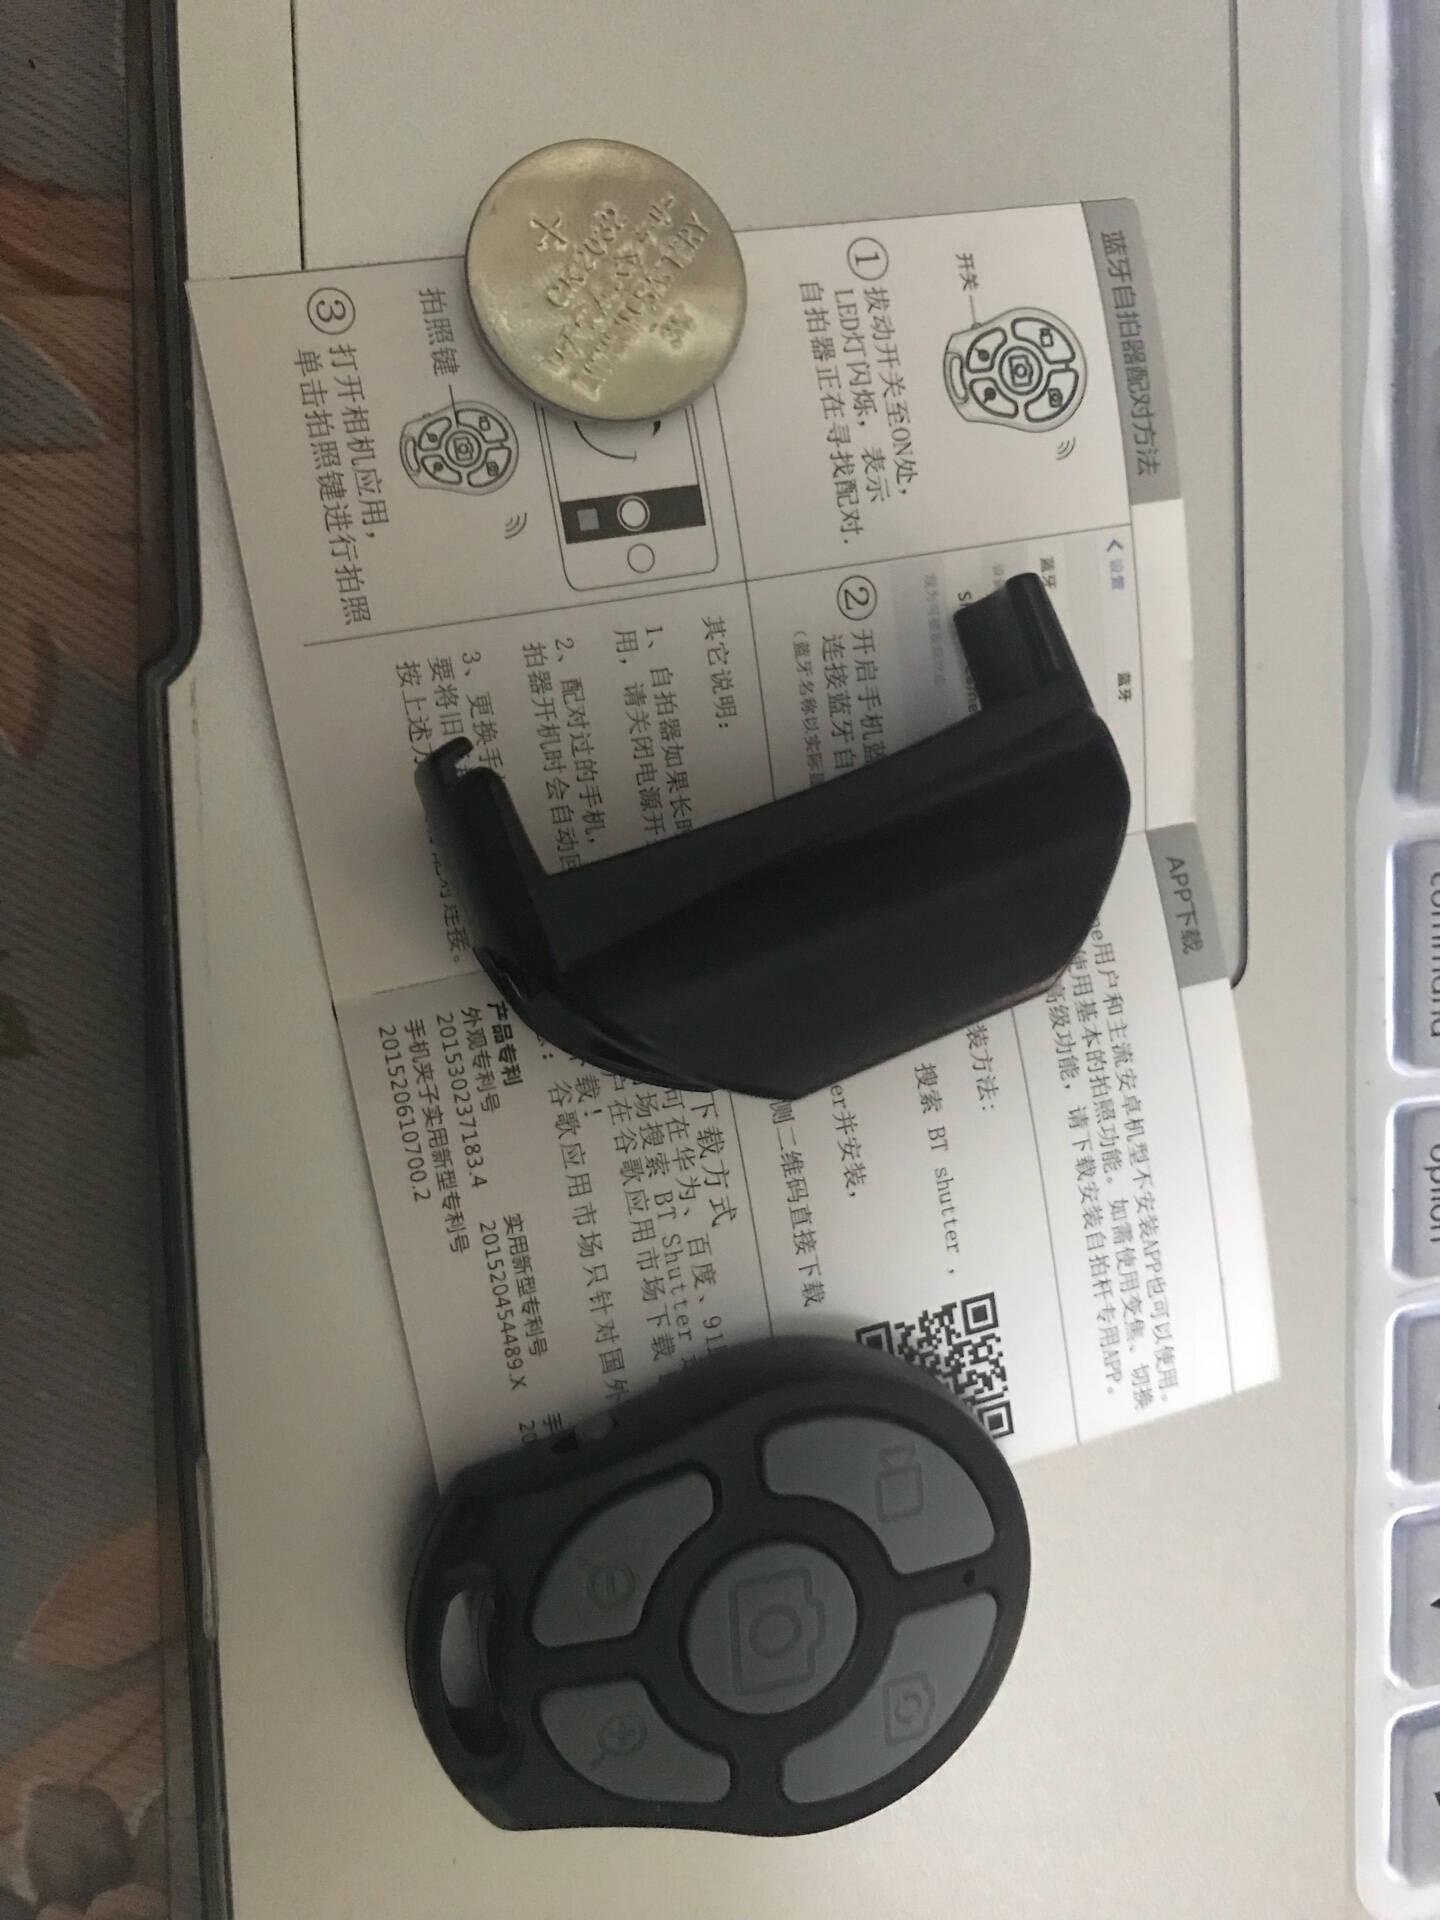 毕亚兹迷你蓝牙自拍器黑色手机拍照自拍器无线快门录像遥控器通用于苹果/华为/三星/OPPOD1-黑